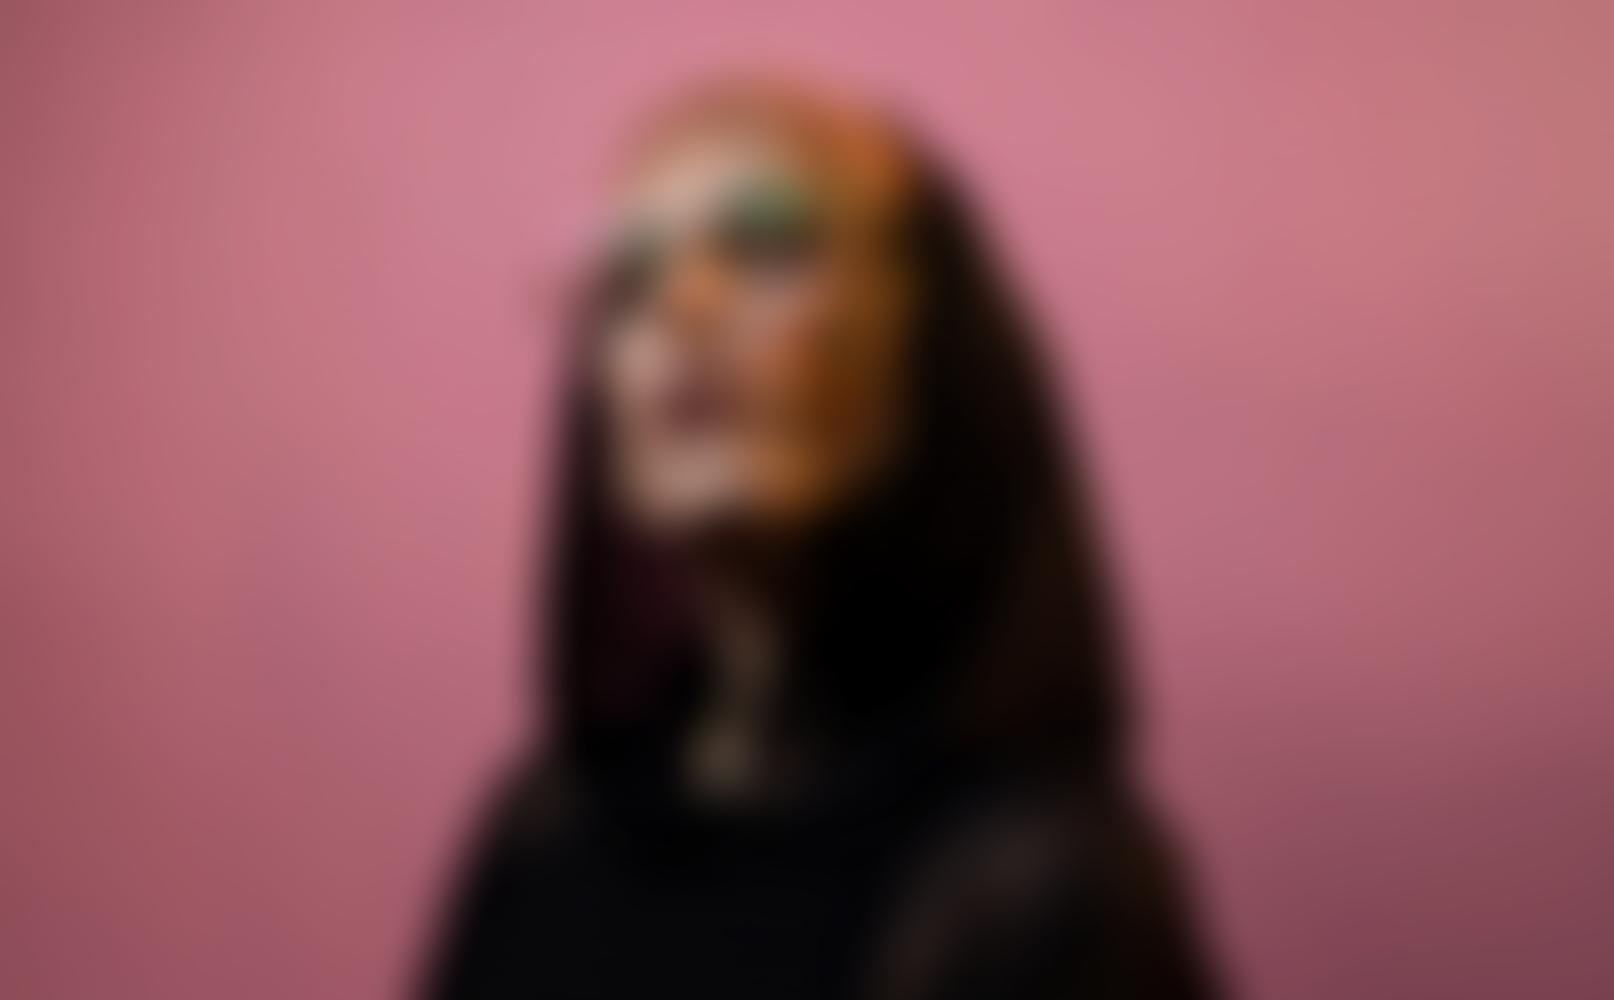 Portrait der Künstlerin Mine vor rosa farbiger Wand, sie trägt schwarzes Oberteil mit Kapuze und schaut Richtung Kamera